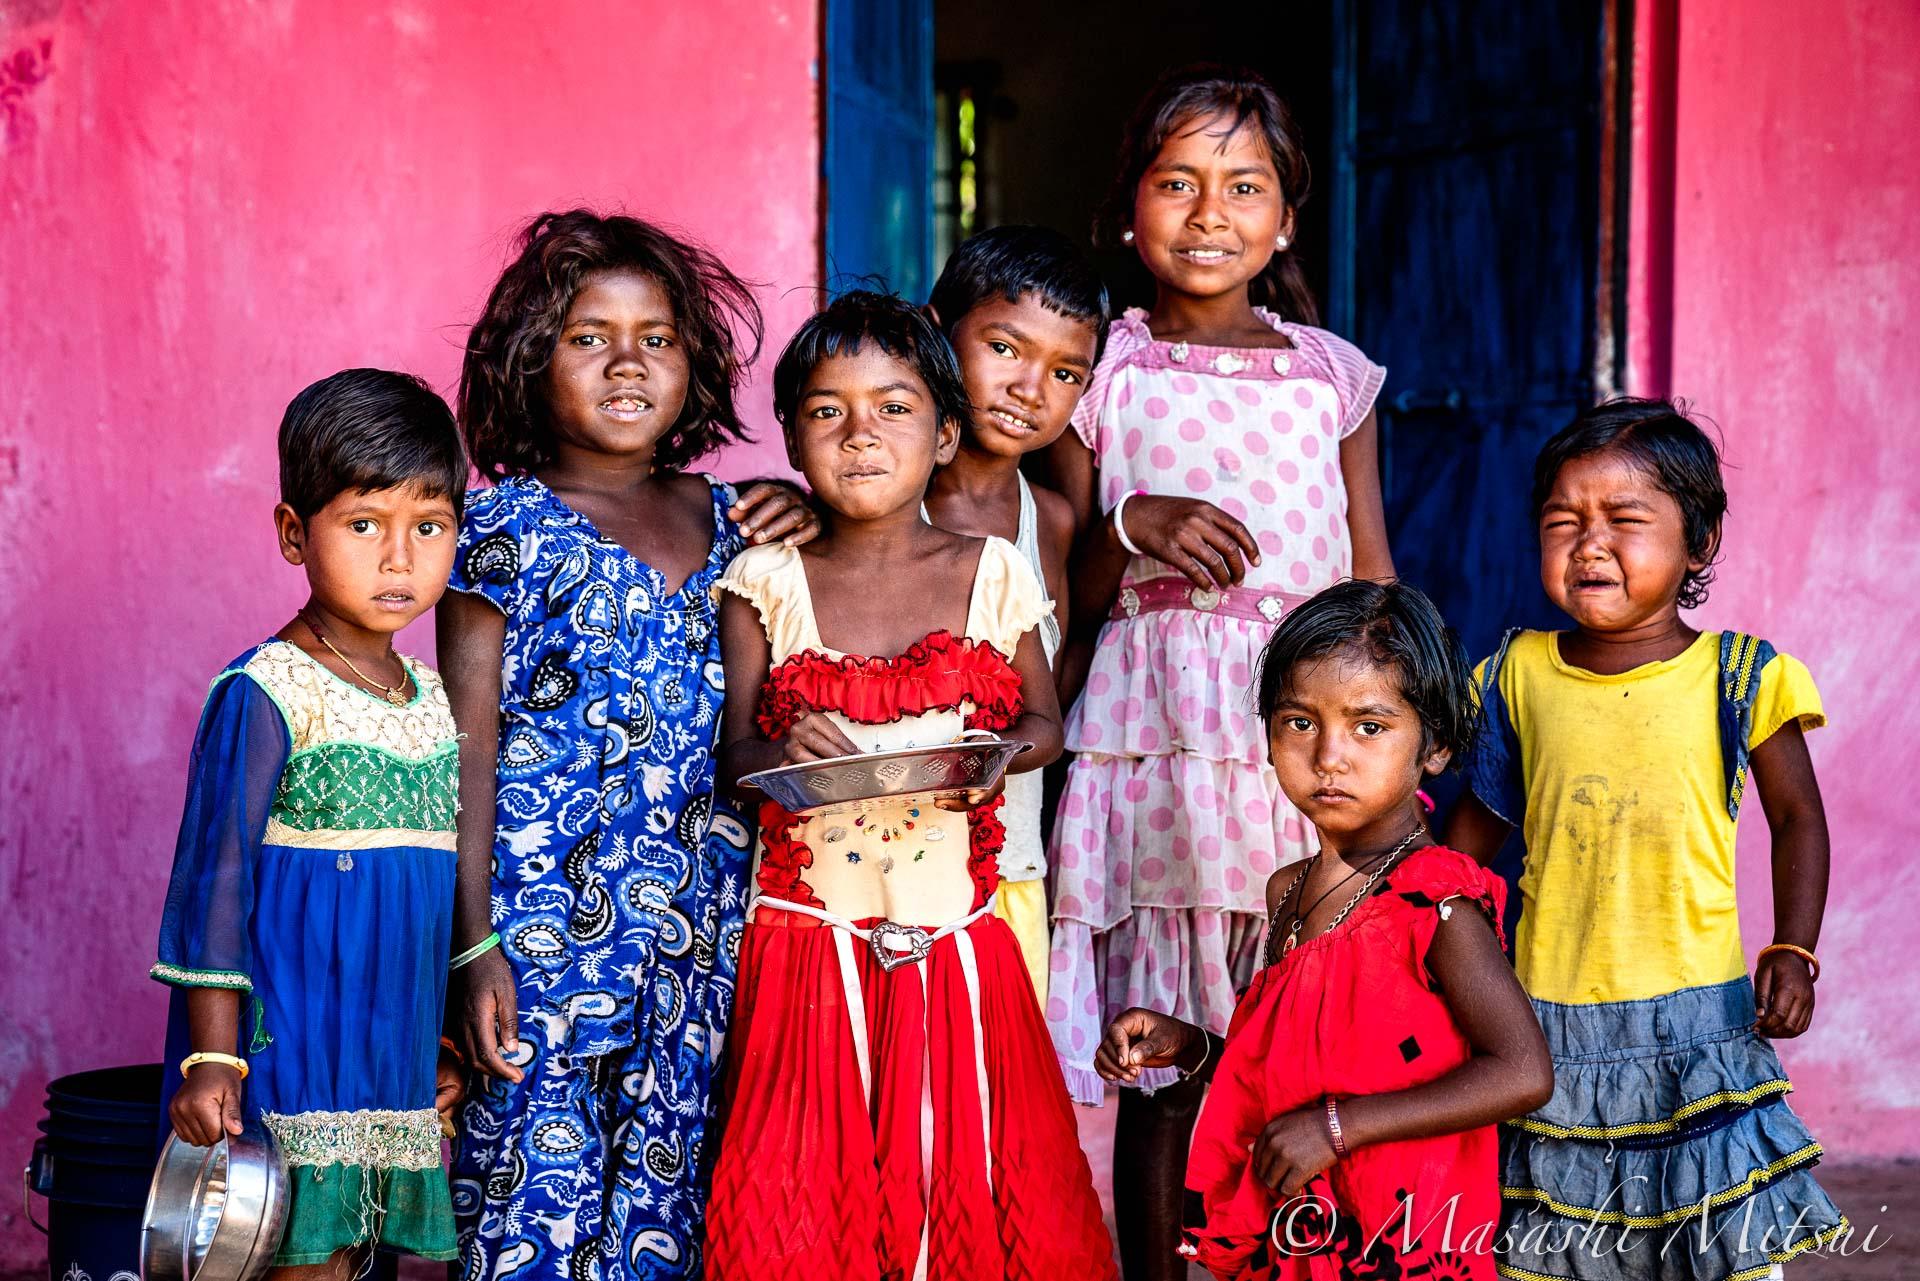 india18-03523